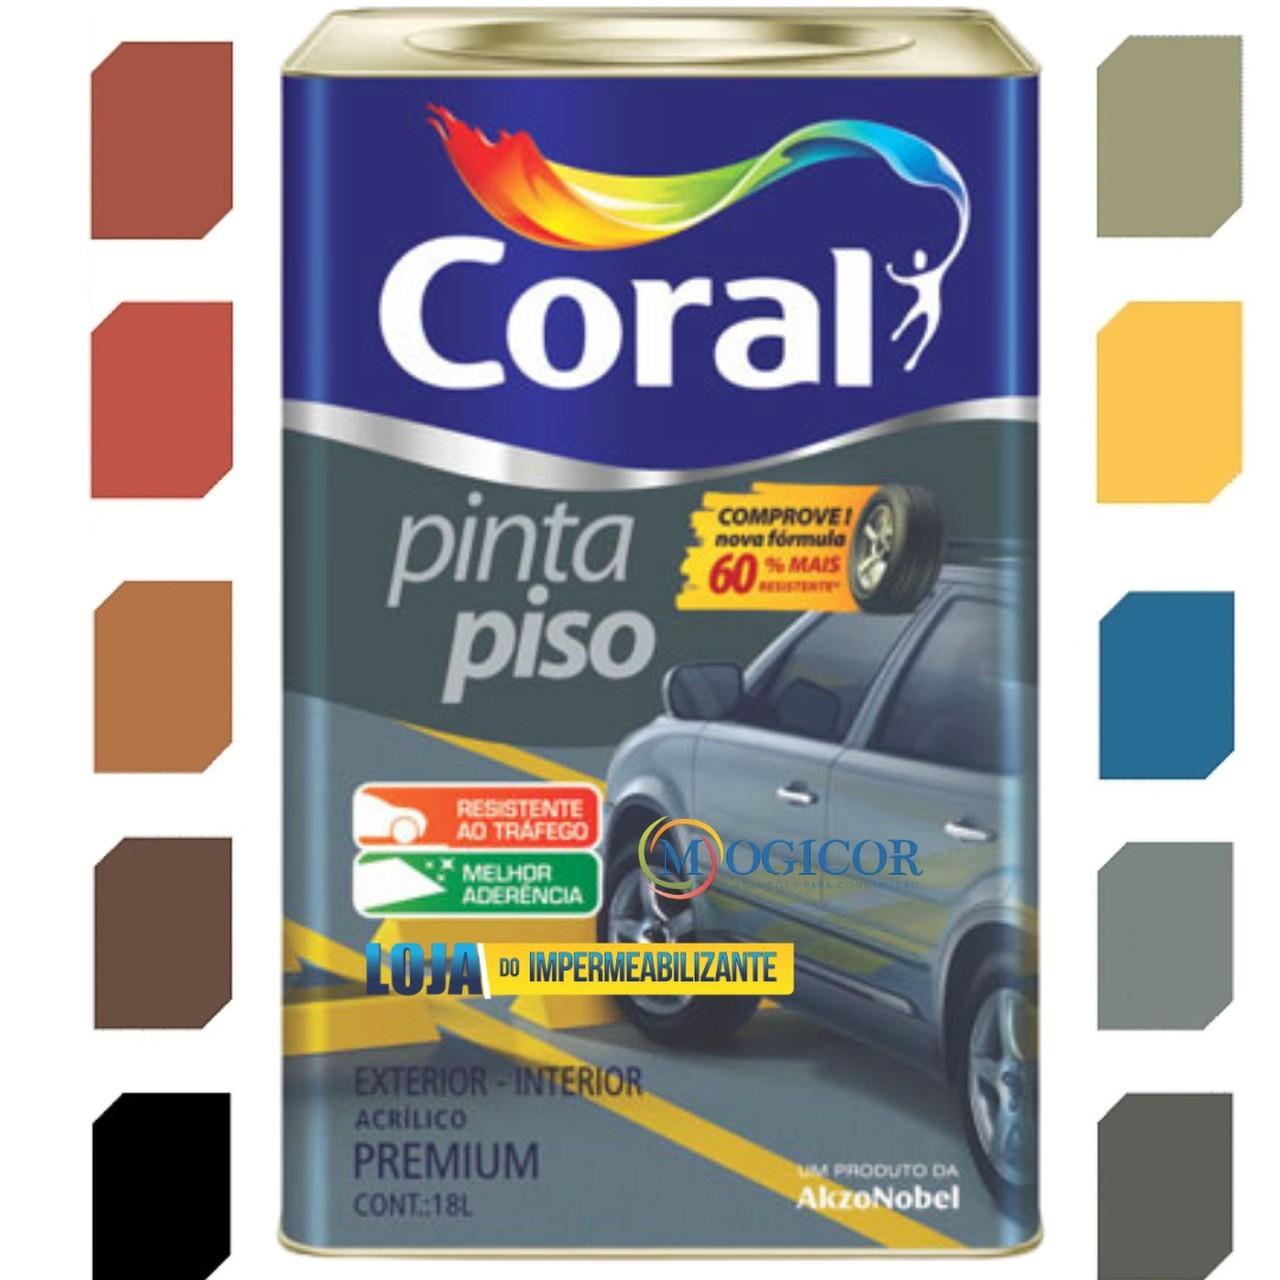 Tinta Acrílica Coral Pinta Piso Premium Interior e Exterior 18L - Cores